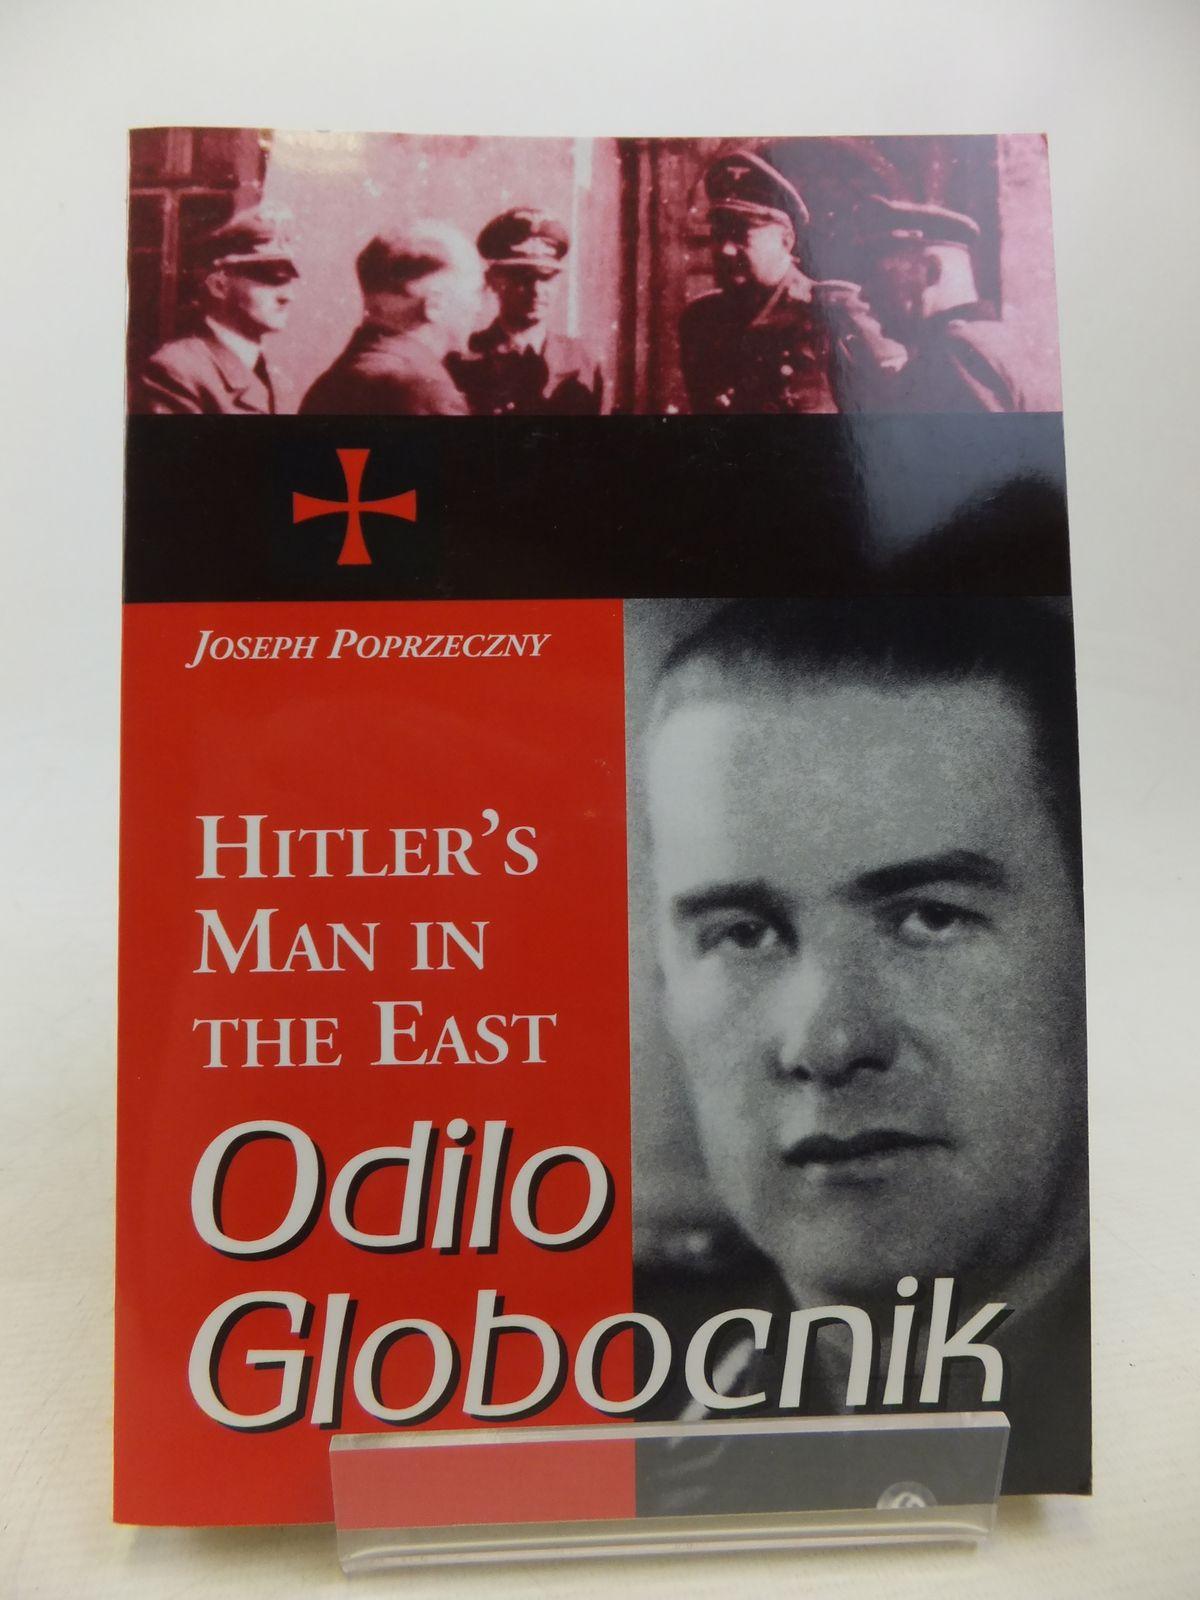 Photo of ODILO GLOBOCNIK, HITLER'S MAN IN THE EAST